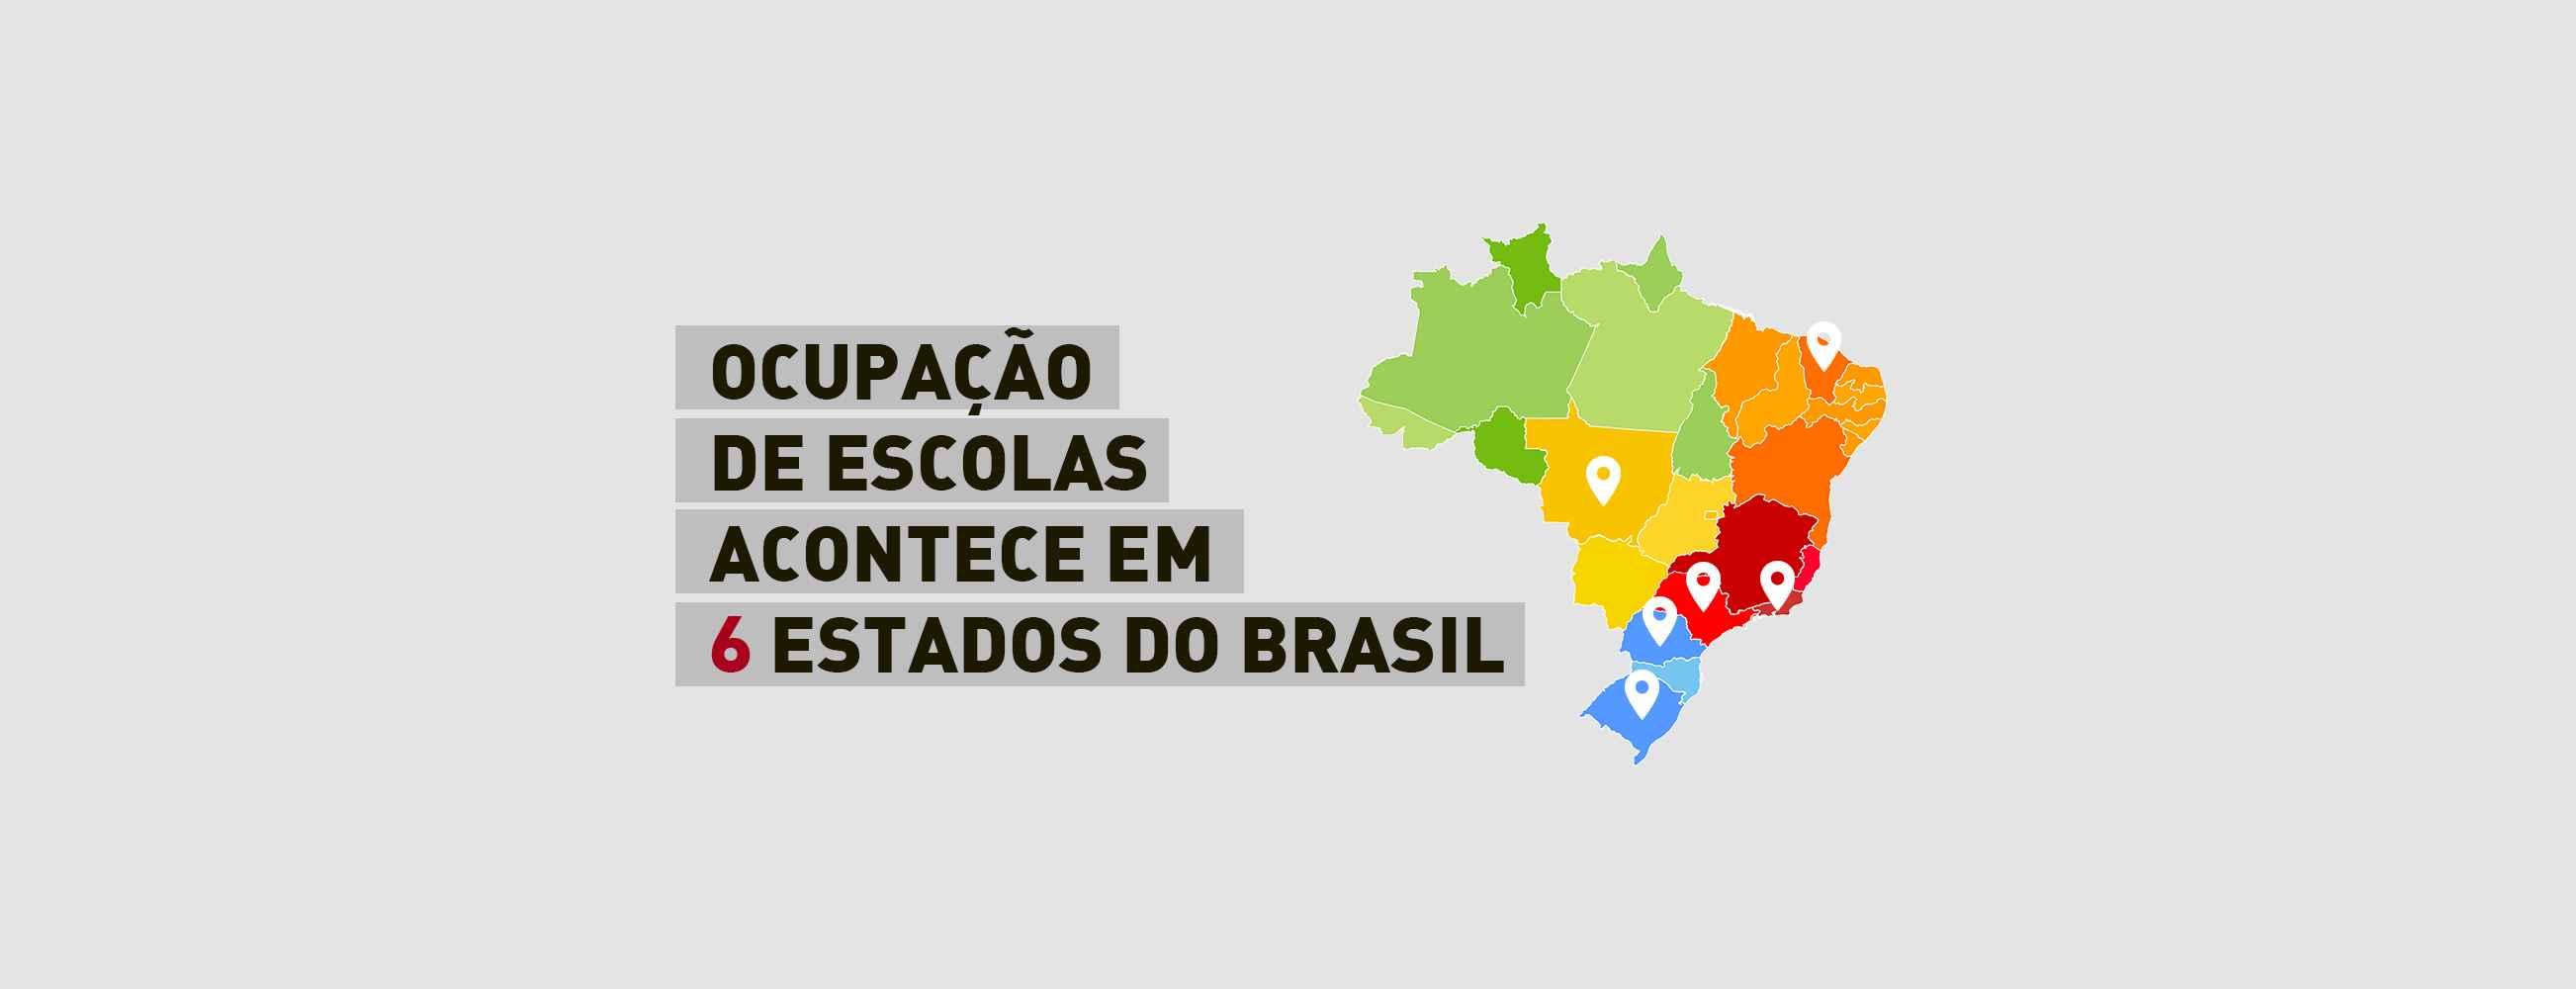 Primavera Secundarista: a luta de quem ocupa as escolas do Brasil